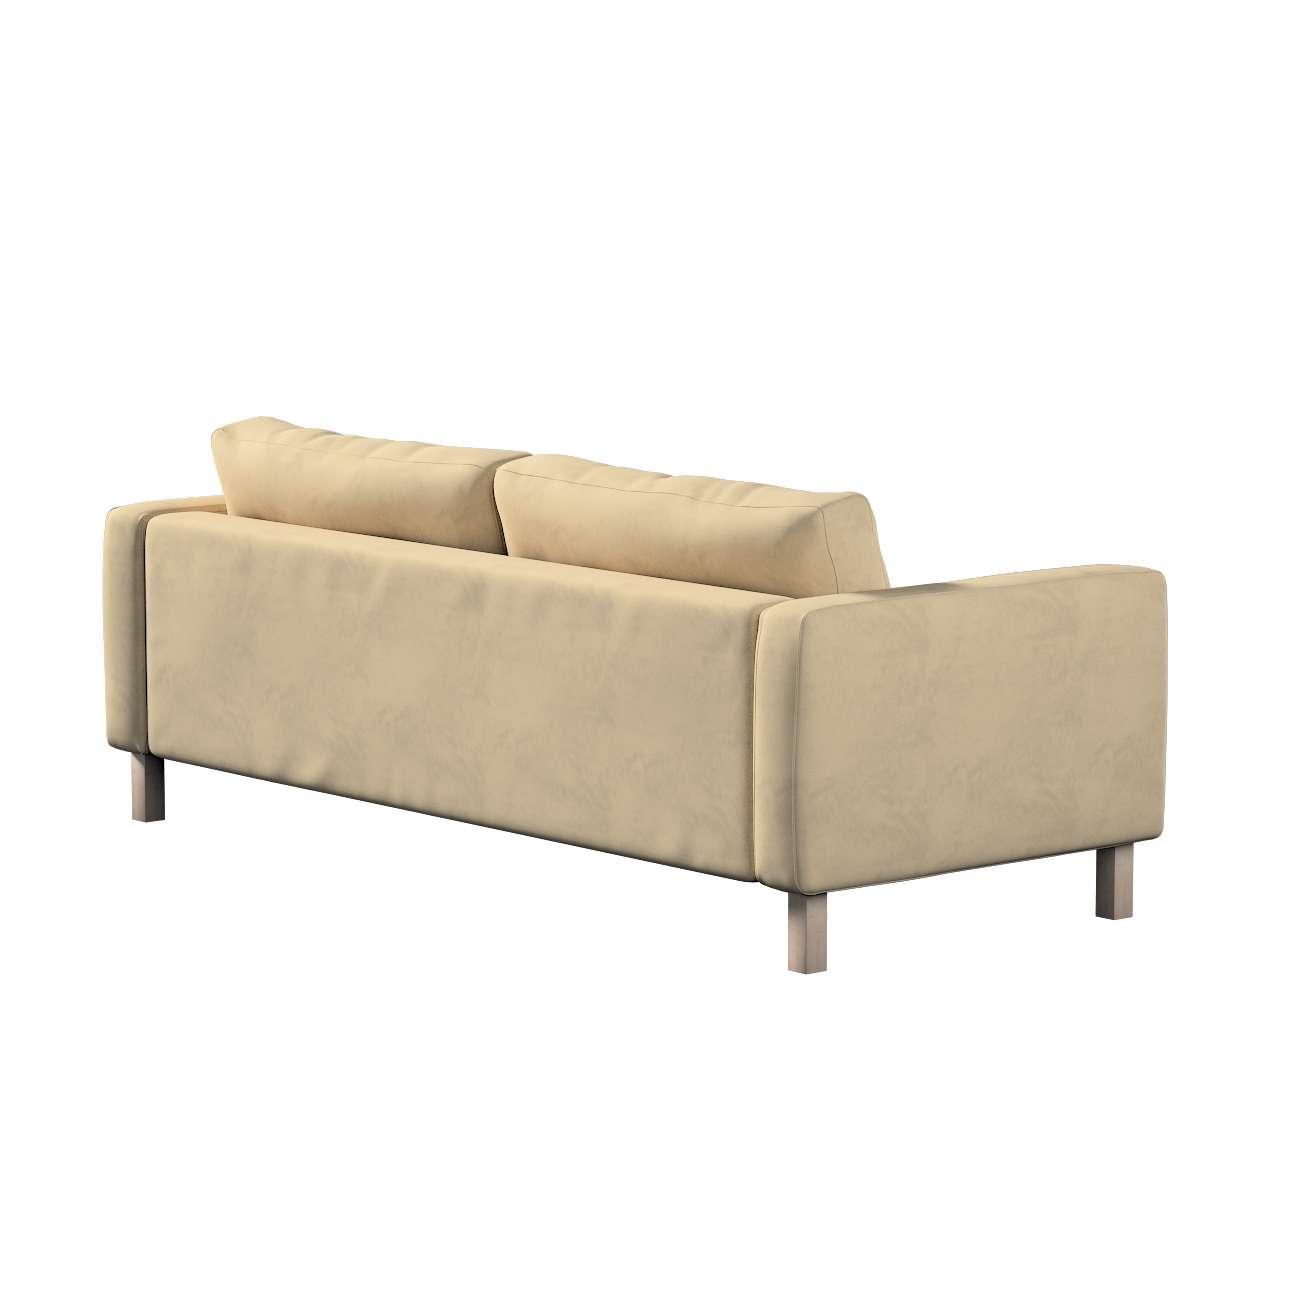 Potah na pohovku IKEA  Karlstad 3-místná, nerozkládací, krátký v kolekci Living II, látka: 160-82